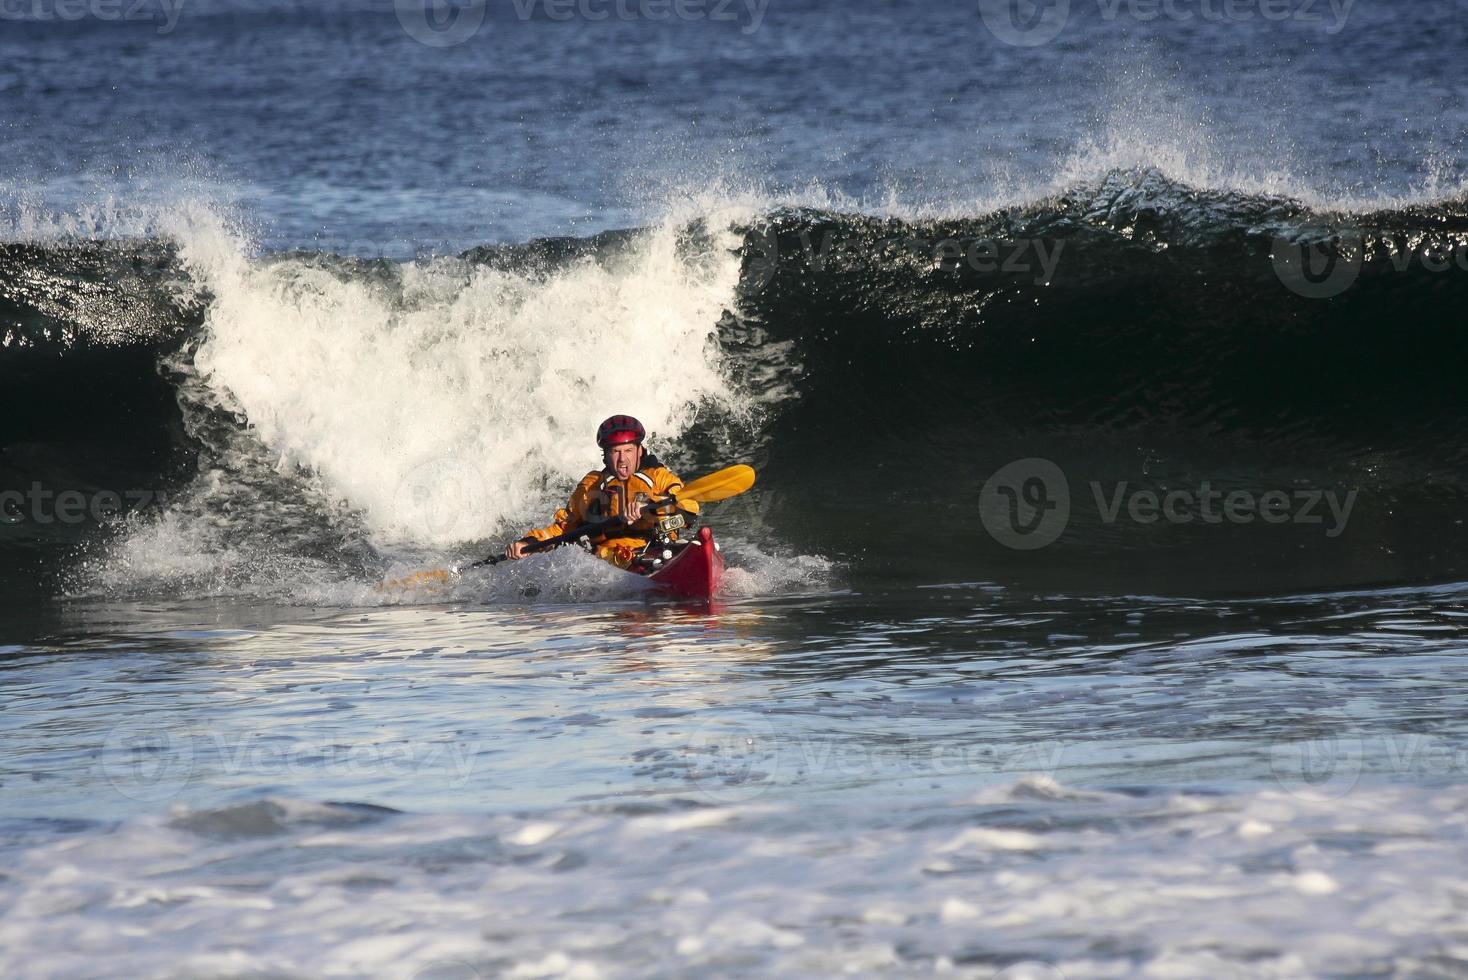 kayakiste en action photo